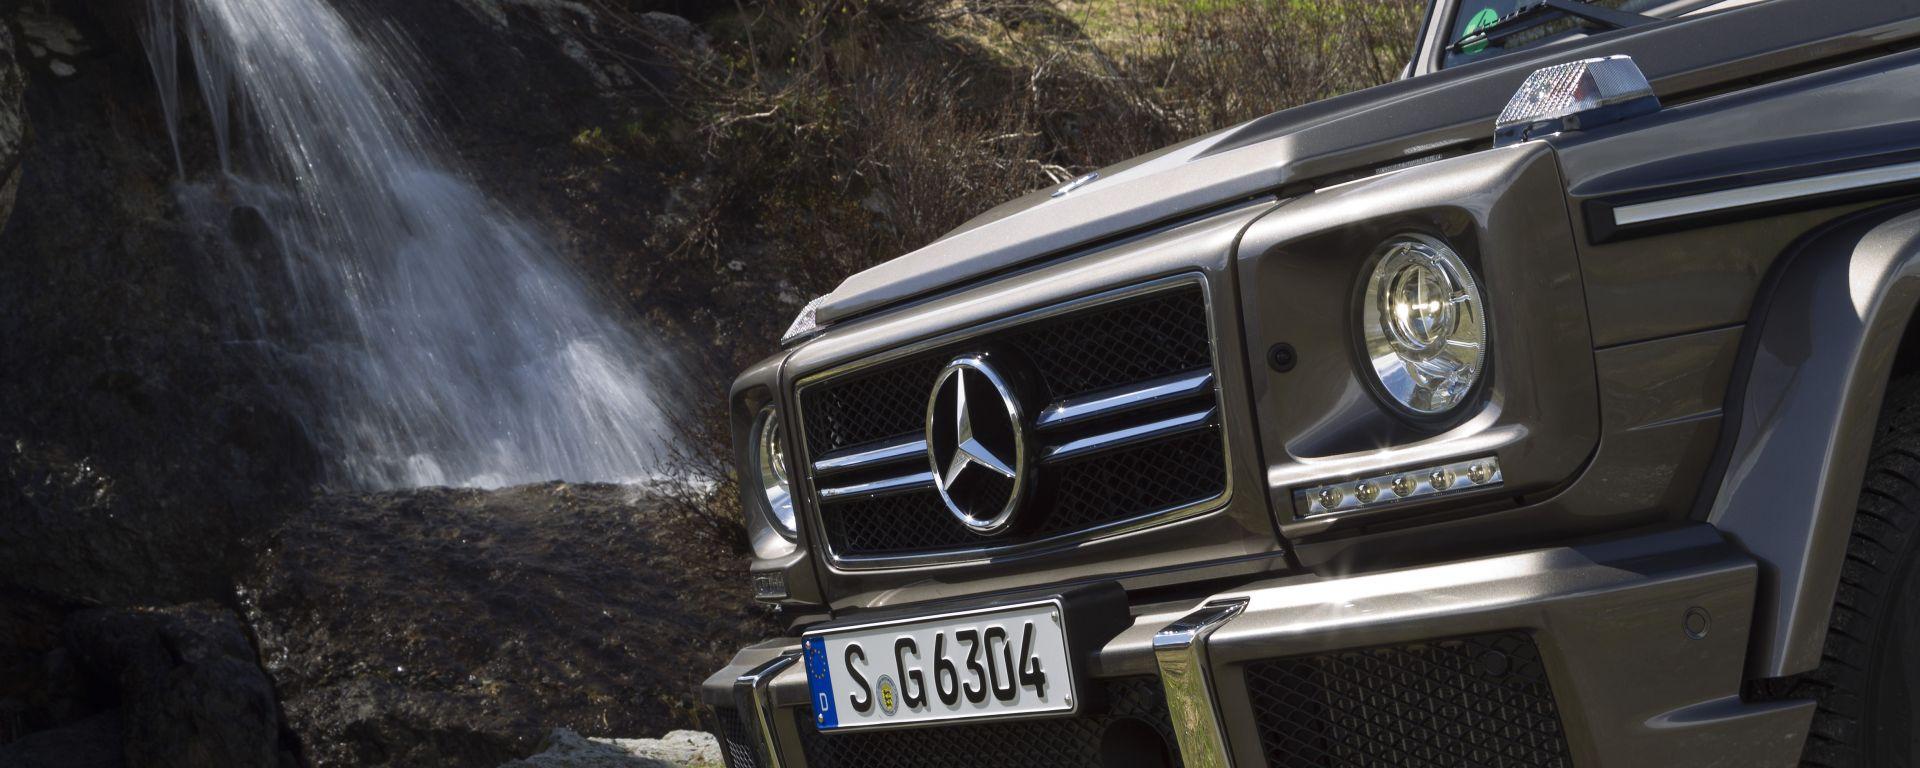 Lunga vita alla Mercedes Classe G